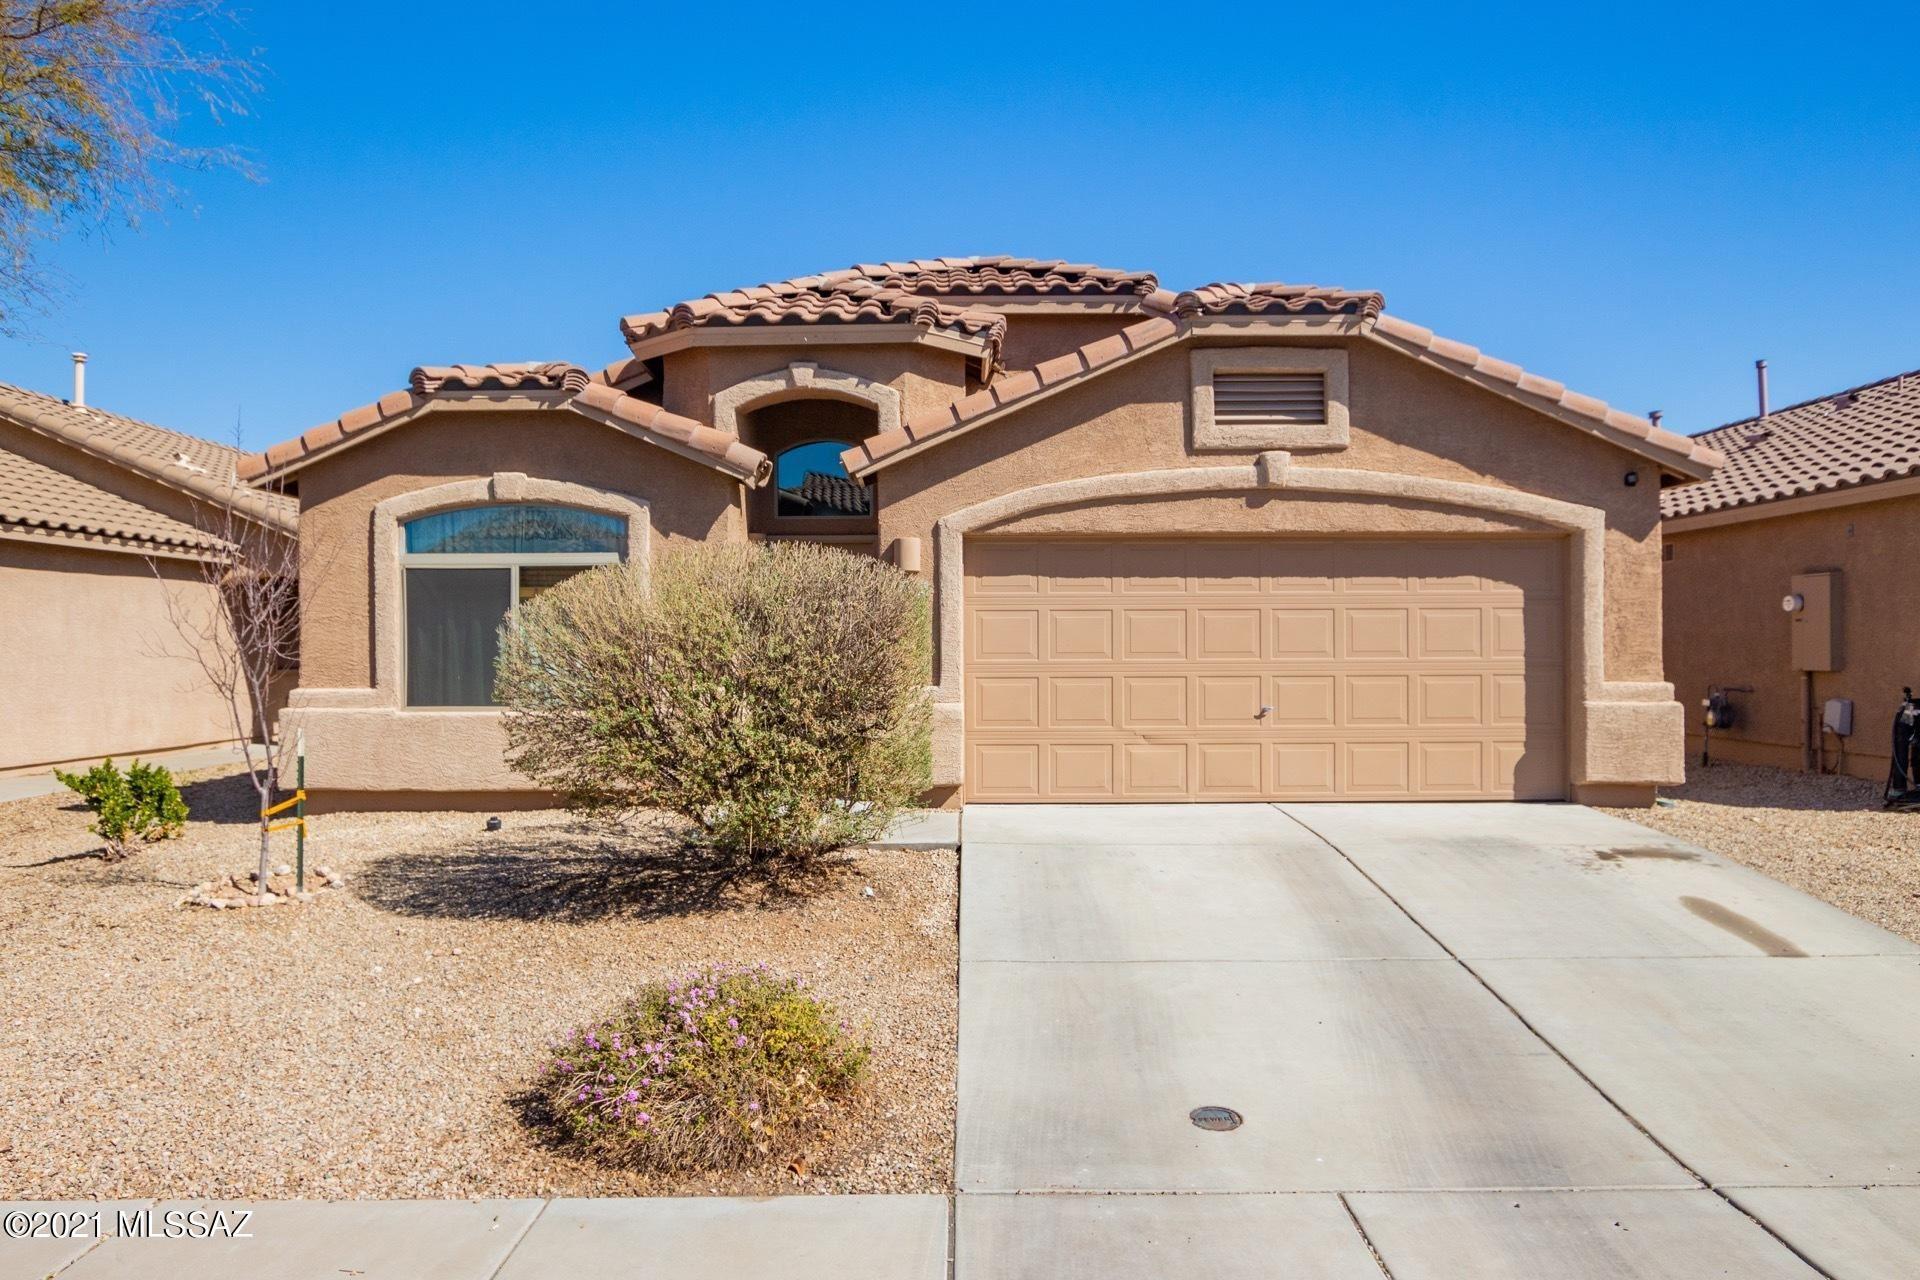 8343 S Gupta Drive, Tucson, AZ 85747 - MLS#: 22104865